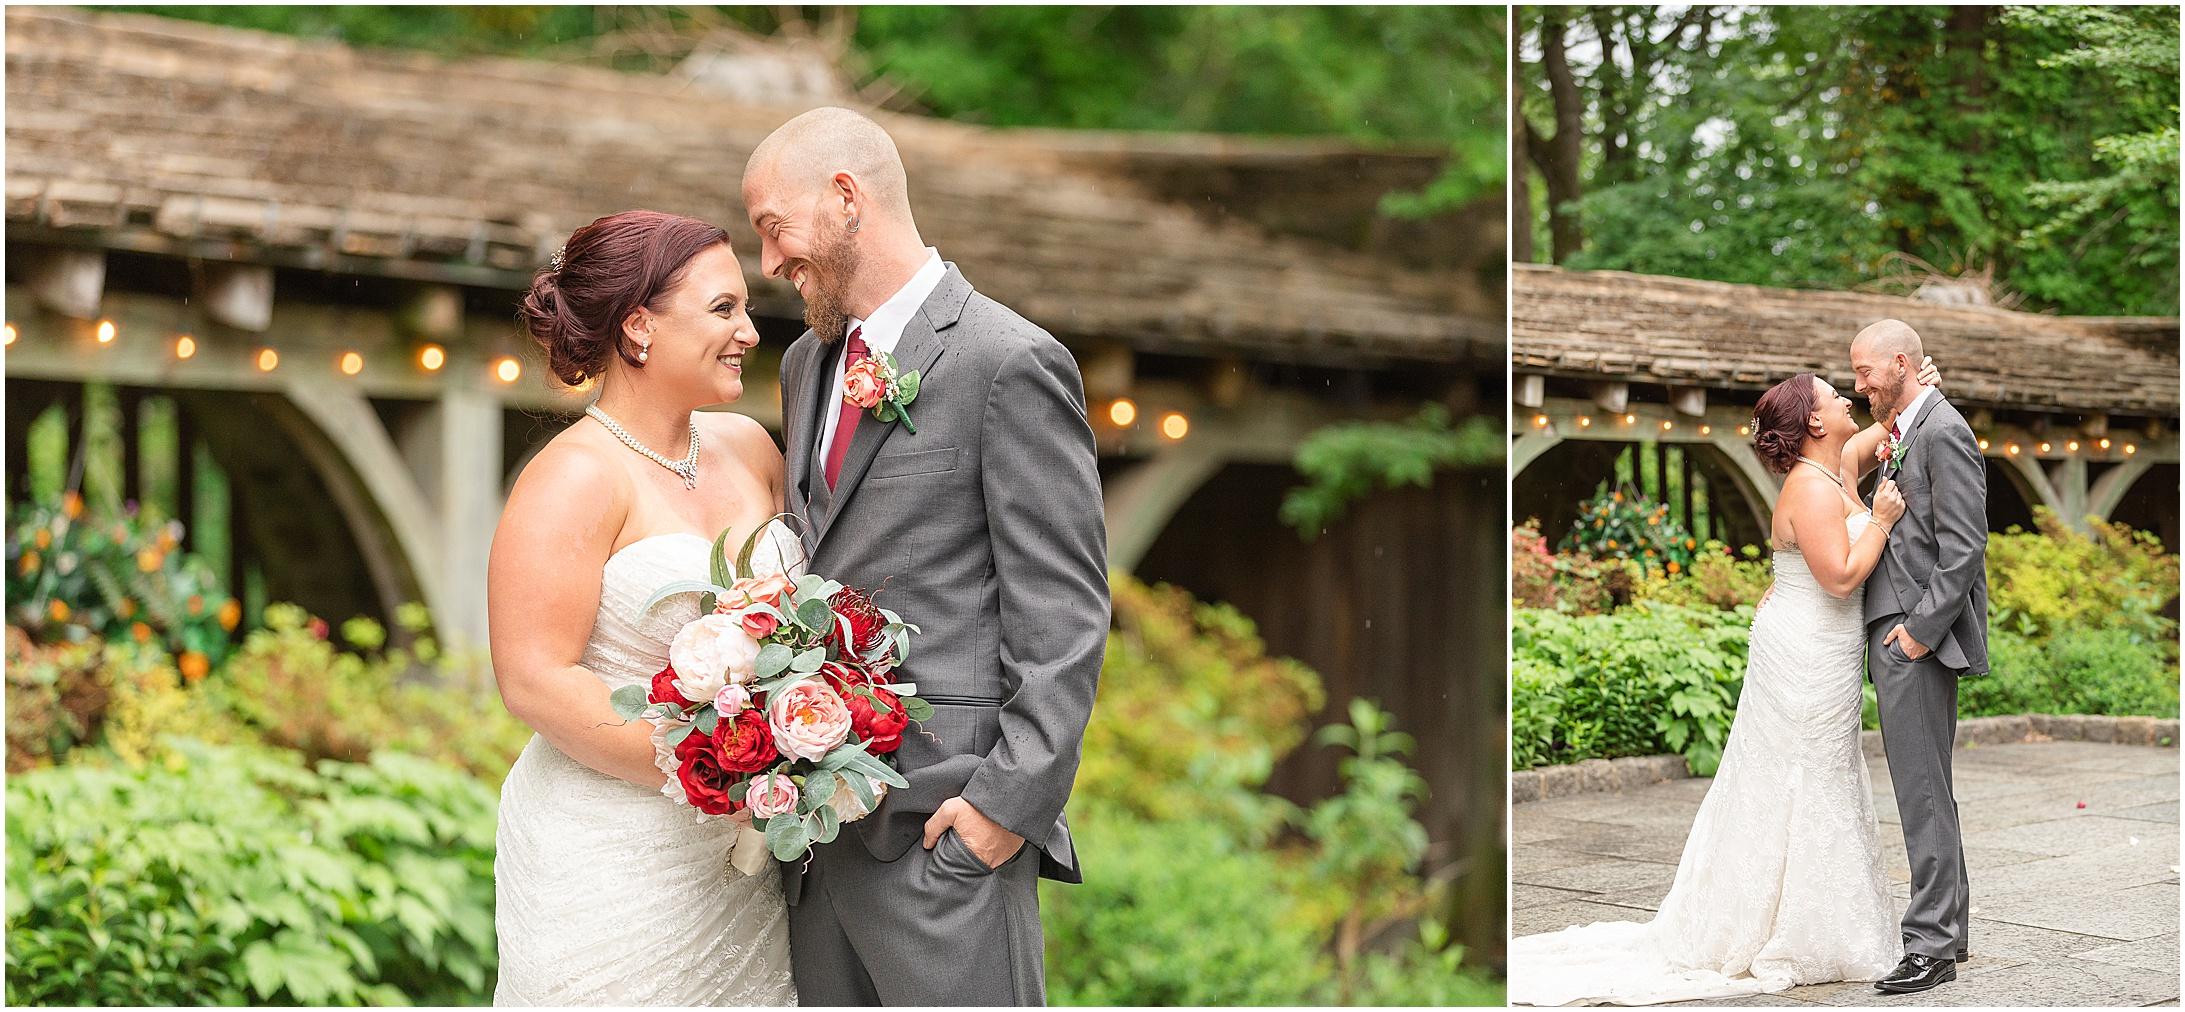 Cloister-Castle-Wedding-Photos_0179.jpg